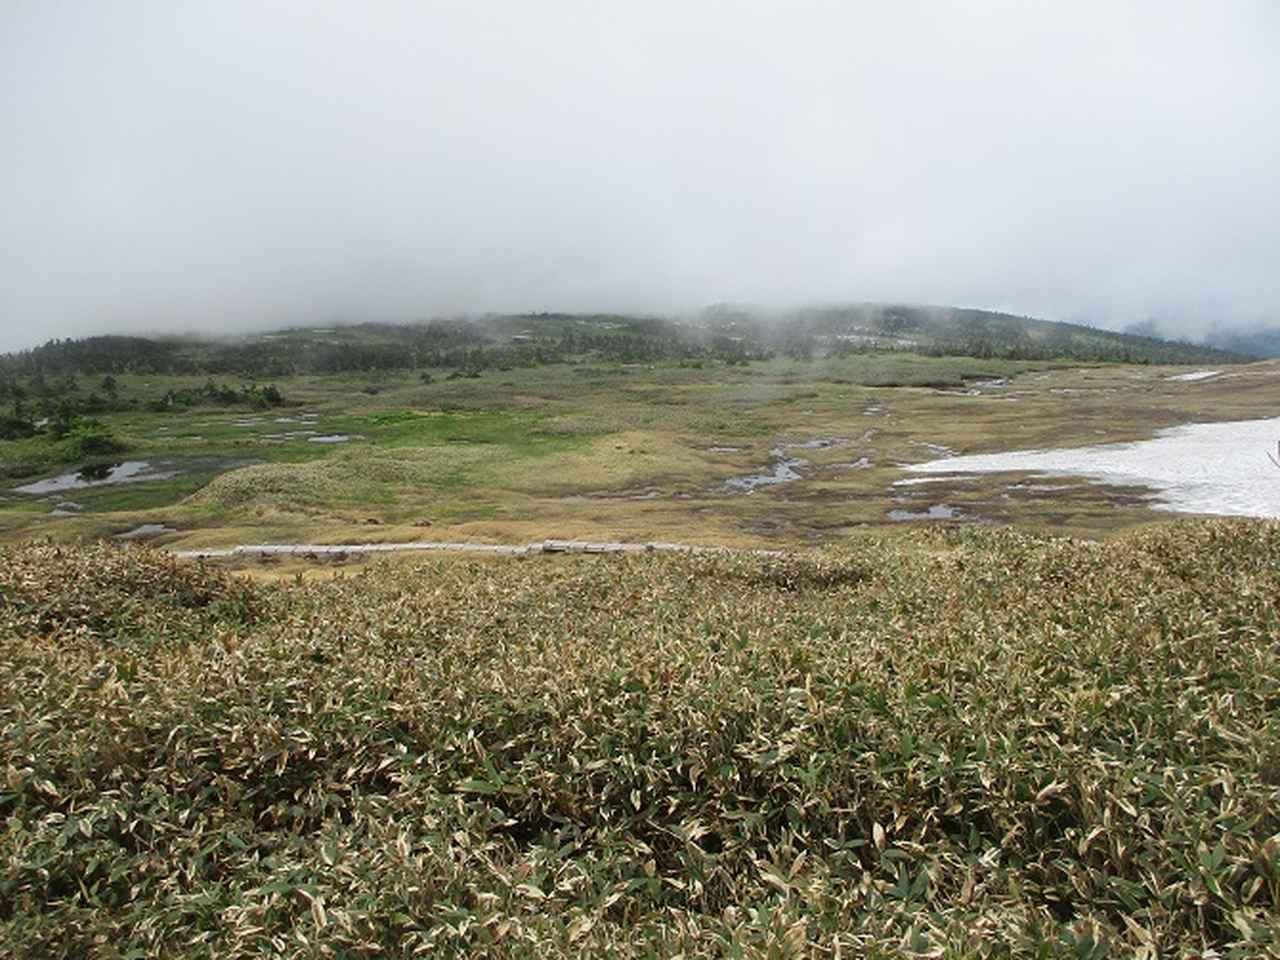 画像10: 7月の山旅会 「苗場山」 ツアーの下見にいってきました!